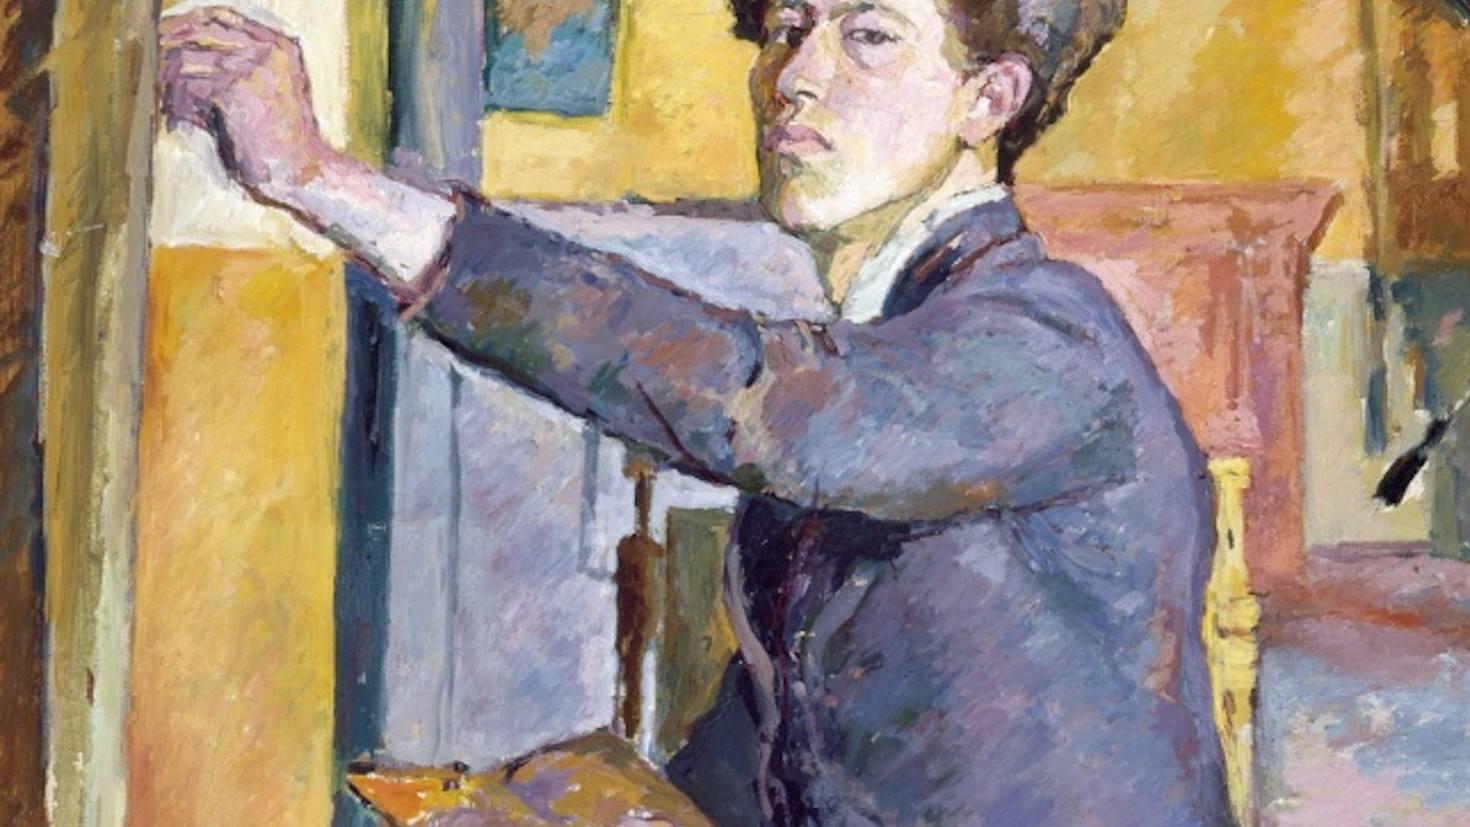 Alberto Giacometti, Autoportrait (Self-portrait), 1921. Courtesy of Musée Picasso